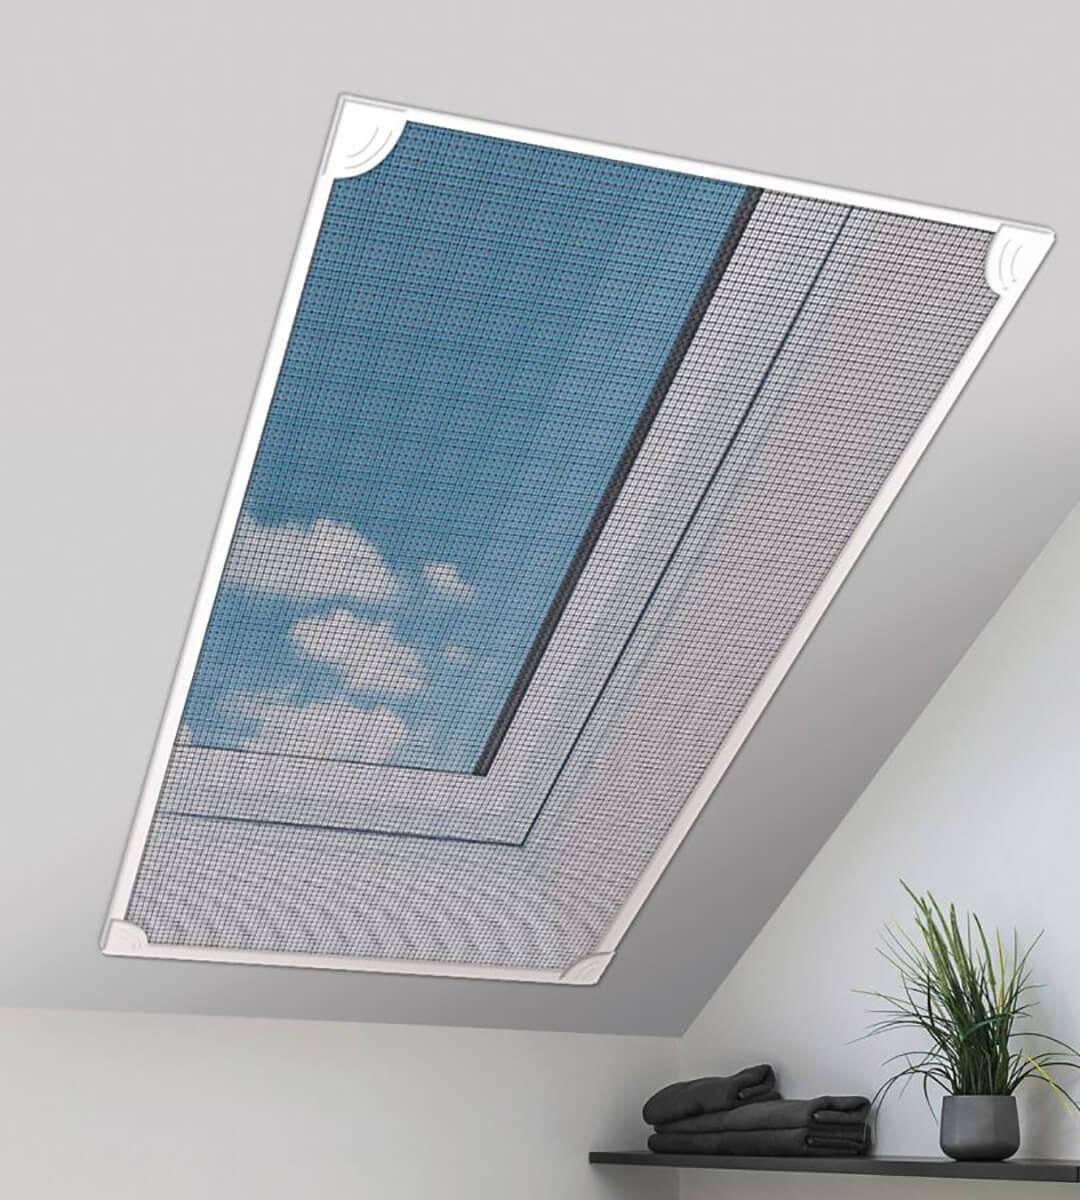 insektenschutz dachfenster selber bauen @wy34 | startupjobsfa